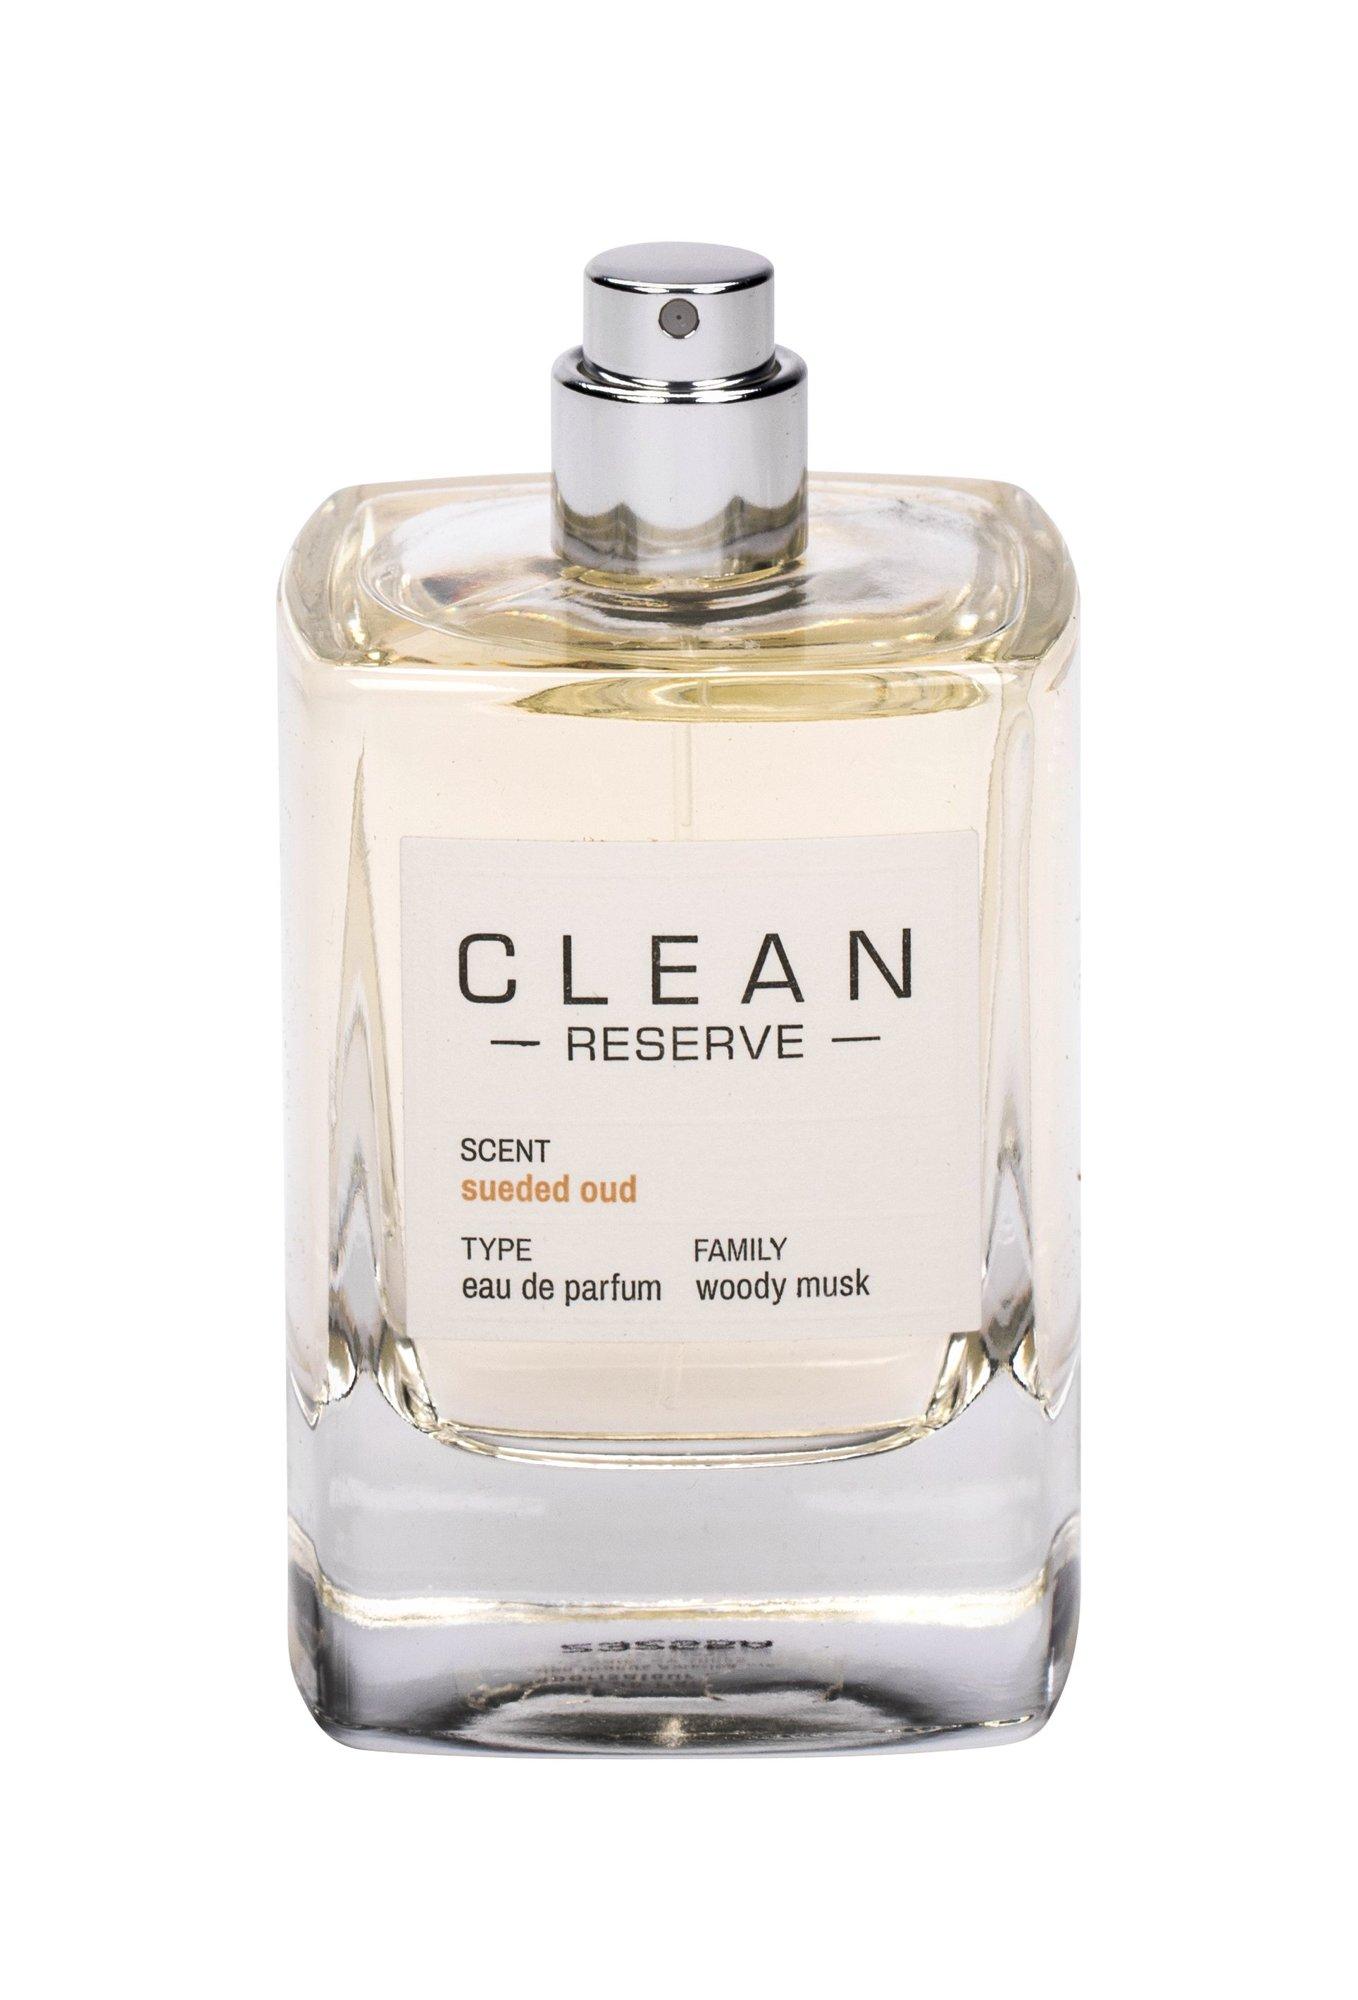 Clean Clean Reserve Collection Eau de Parfum 100ml  Sueded Oud